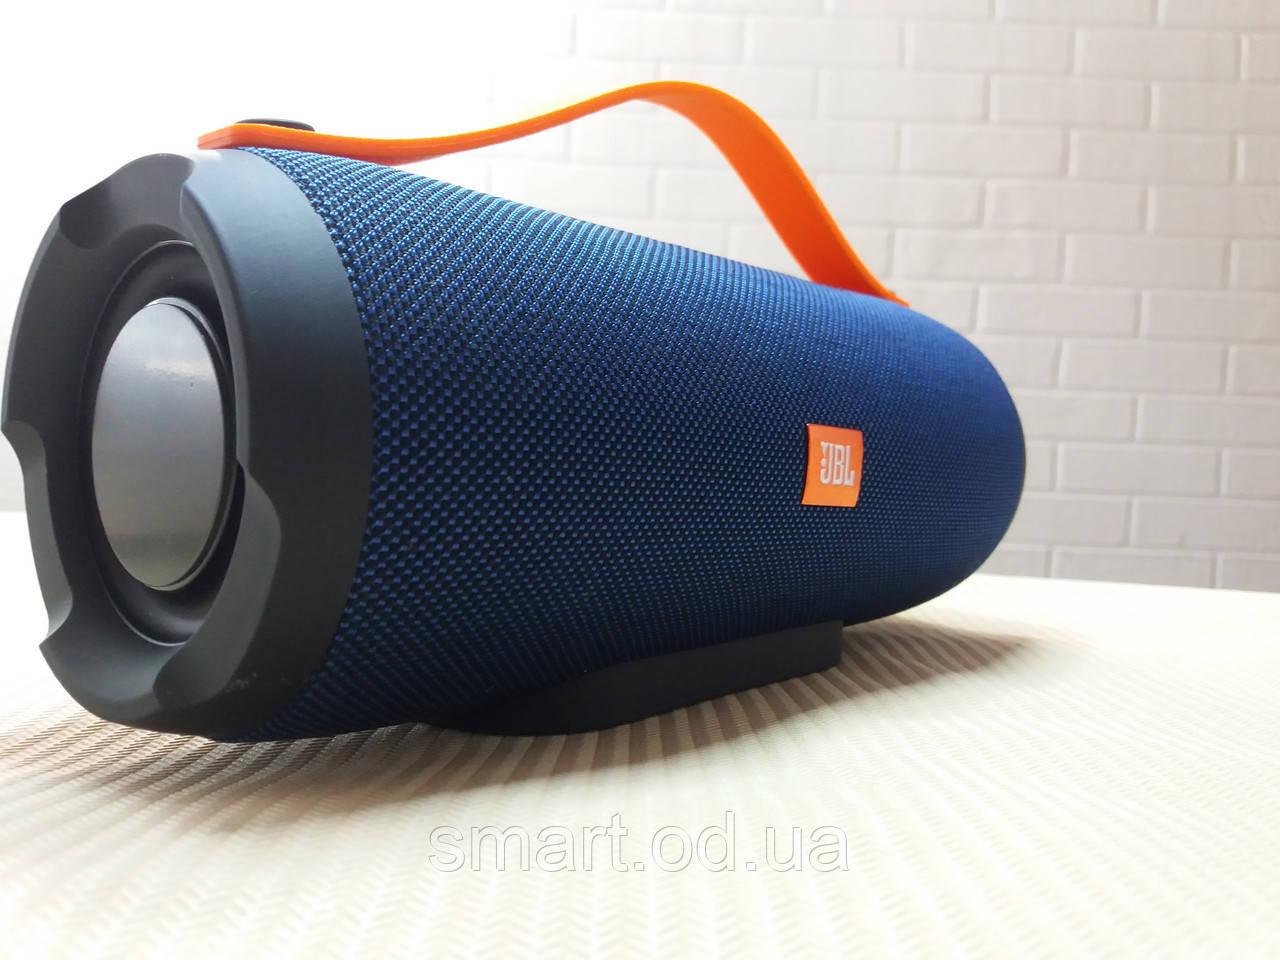 Портативная колонка Bluetooth JBL Charge 13 реплика с Powerbank в подарок